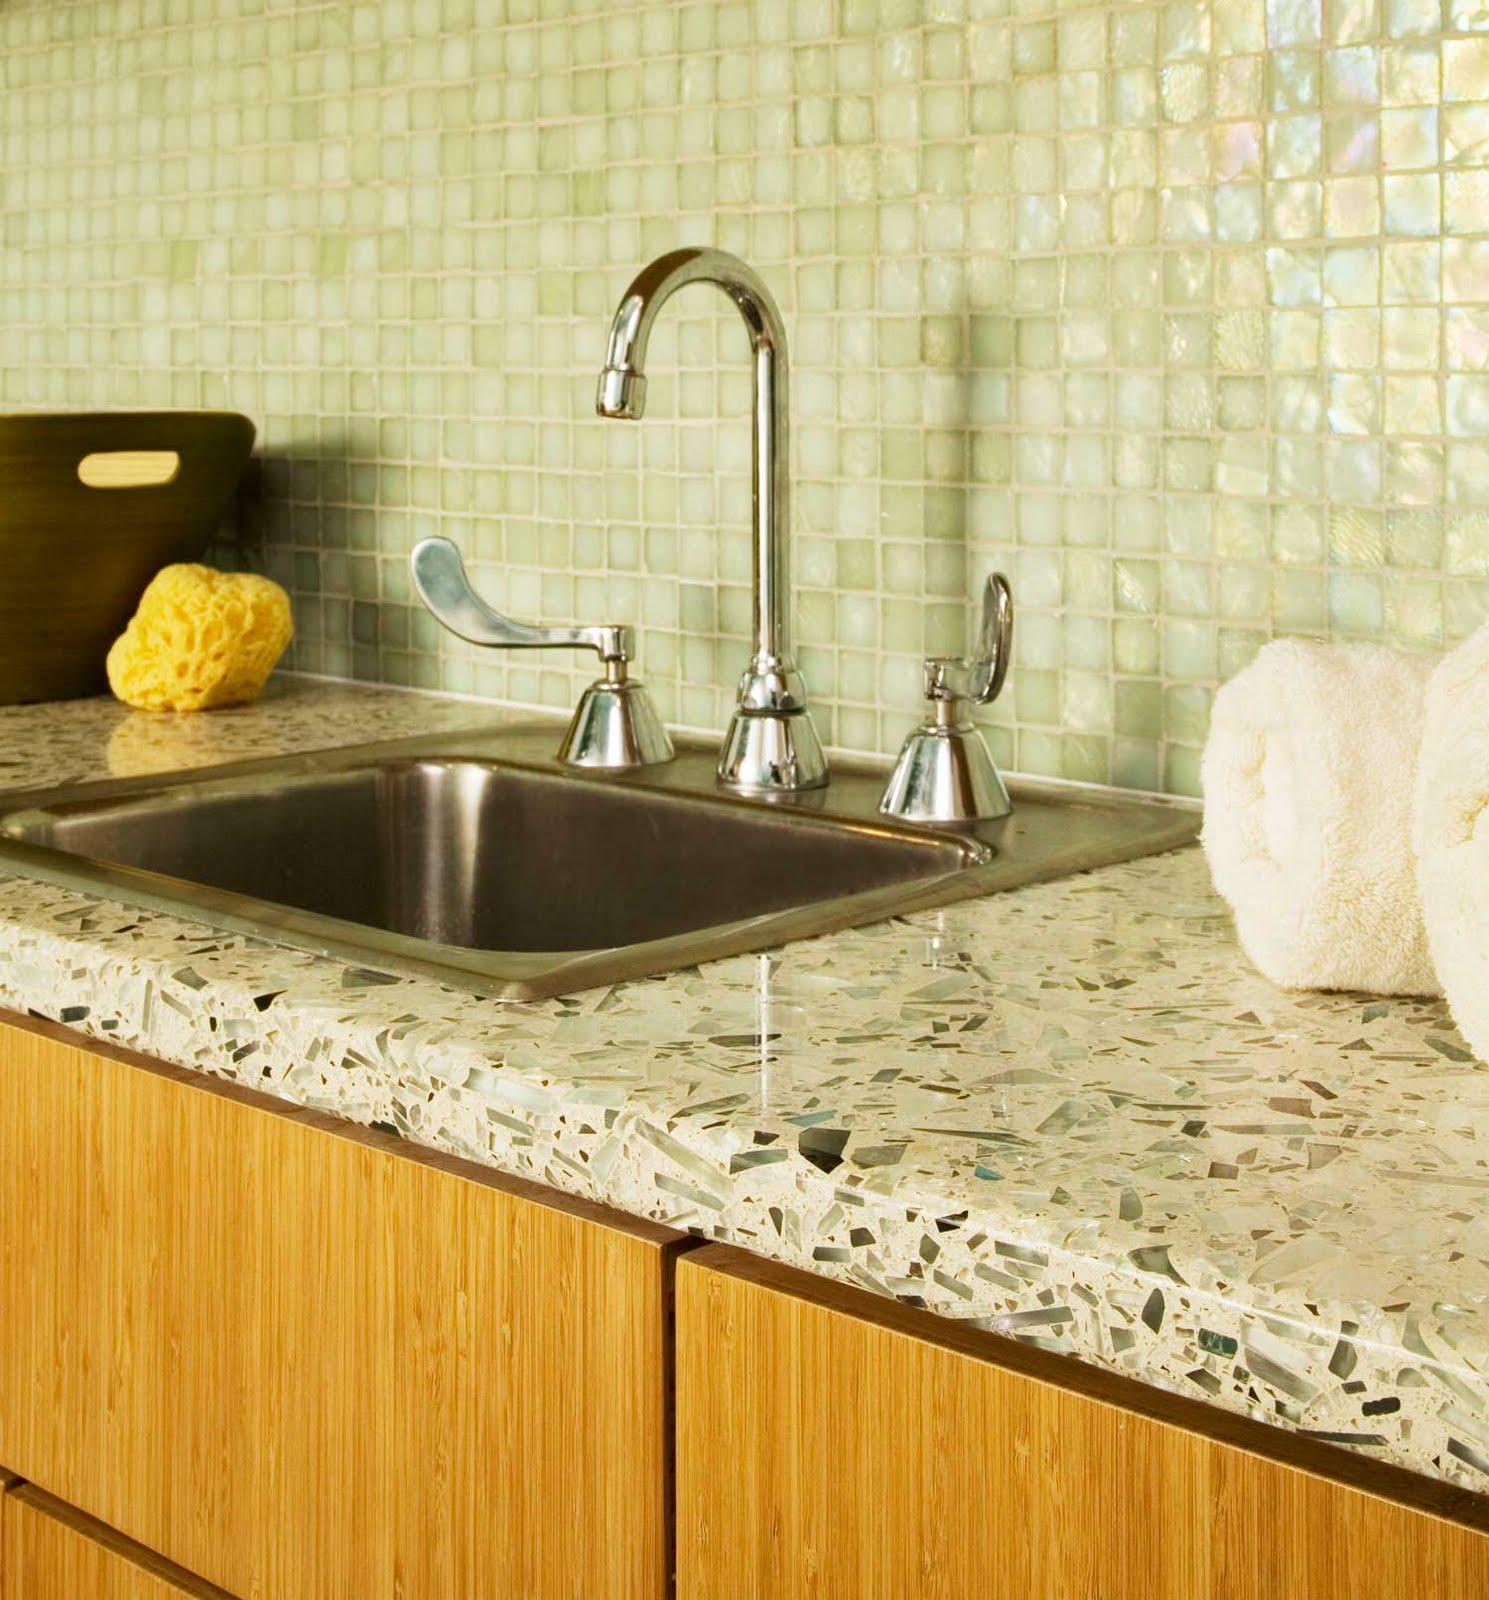 Quartz Countertop Material Cost : Manufactured Quartz Countertops Cost Home Improvement